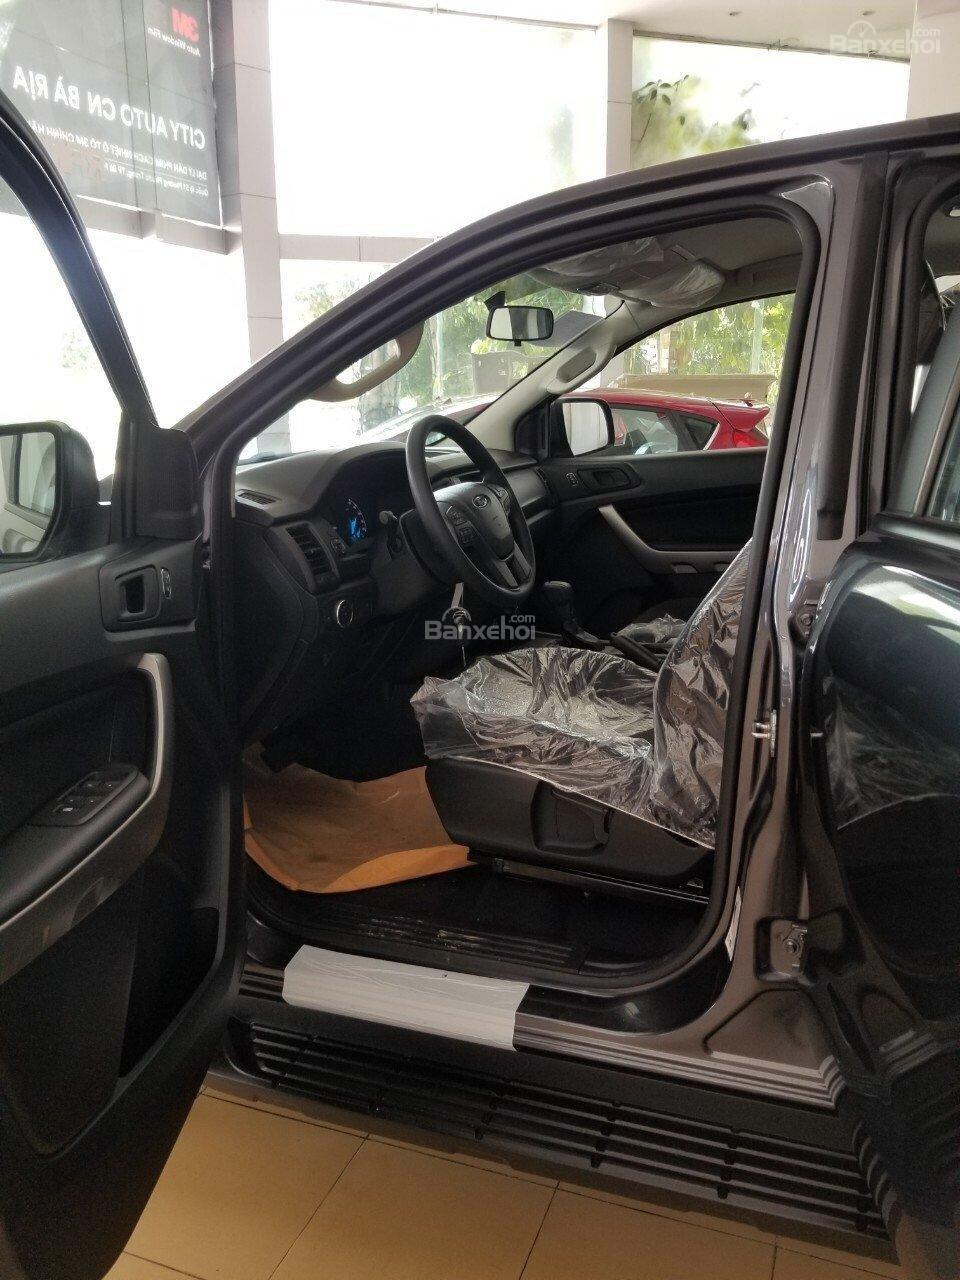 Bán Ford Ranger XLS 2.2L 4x2 AT màu xám - 650 triệu, xe giao ngay KM phụ kiện chính hãng-5